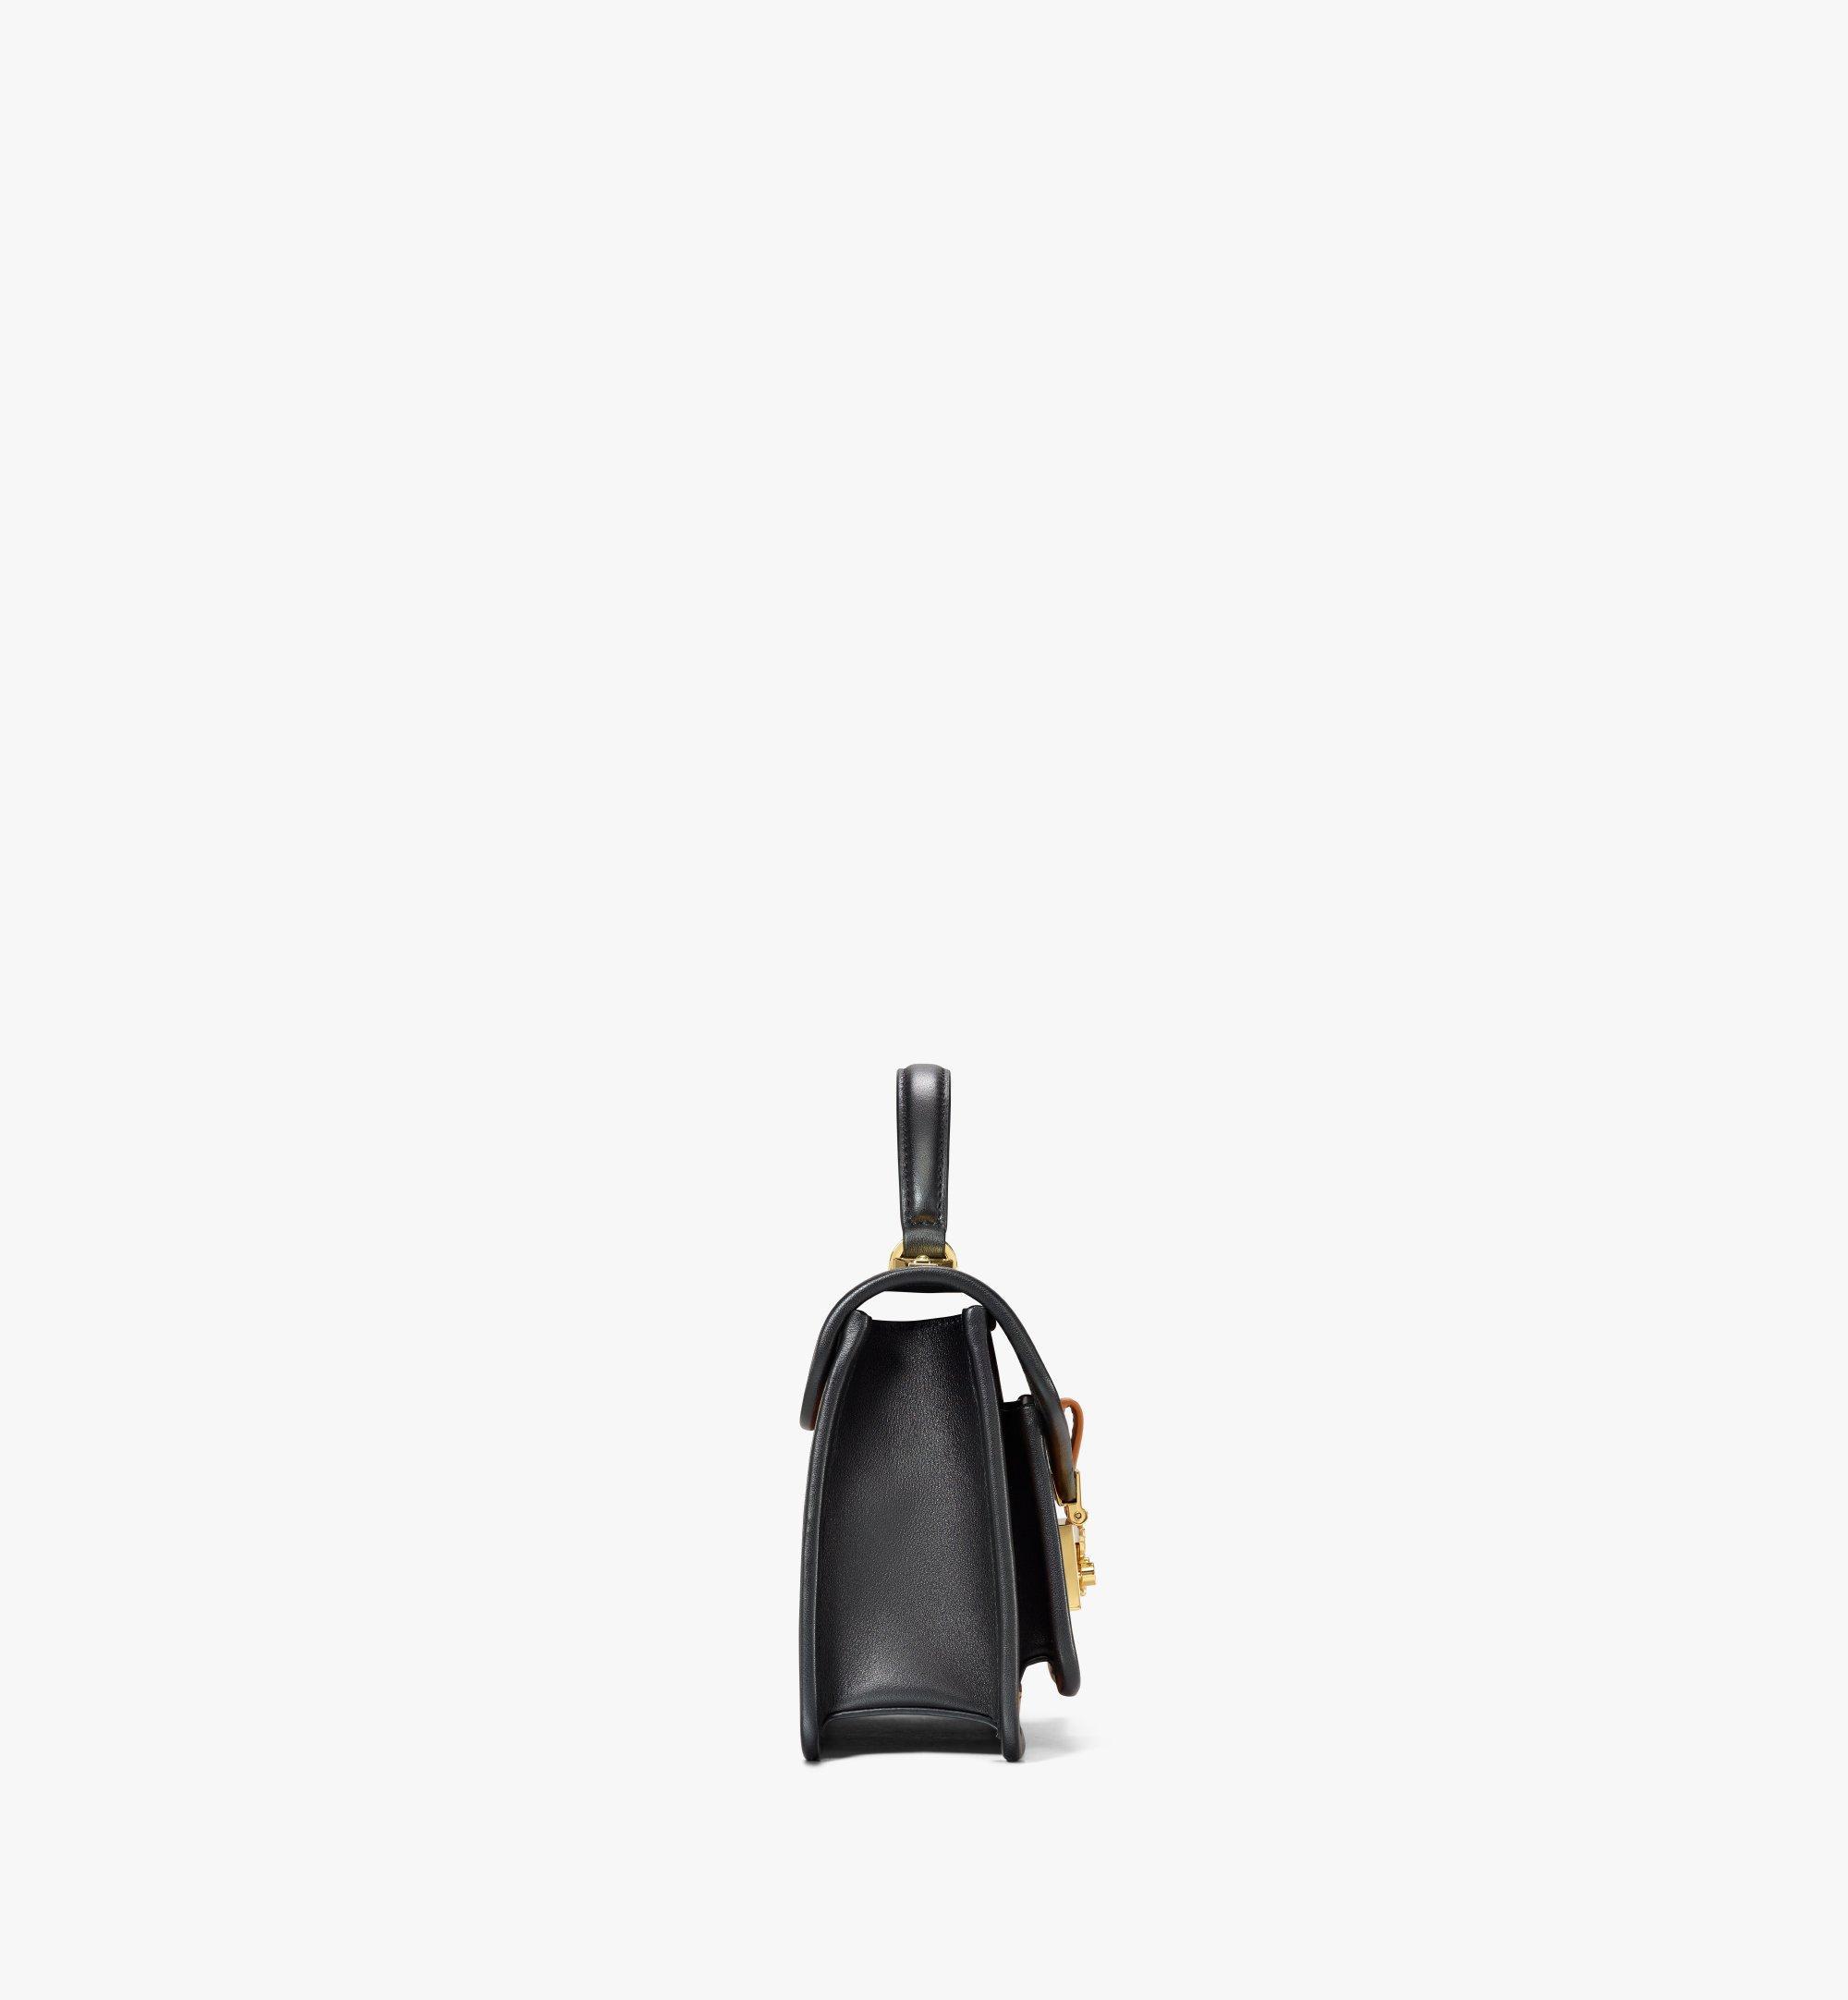 MCM 〈パトリシア〉サッチェルバッグ - ヴィセトス レザー ブロック Cognac MWEAAPA06CO001 ほかの角度から見る 1